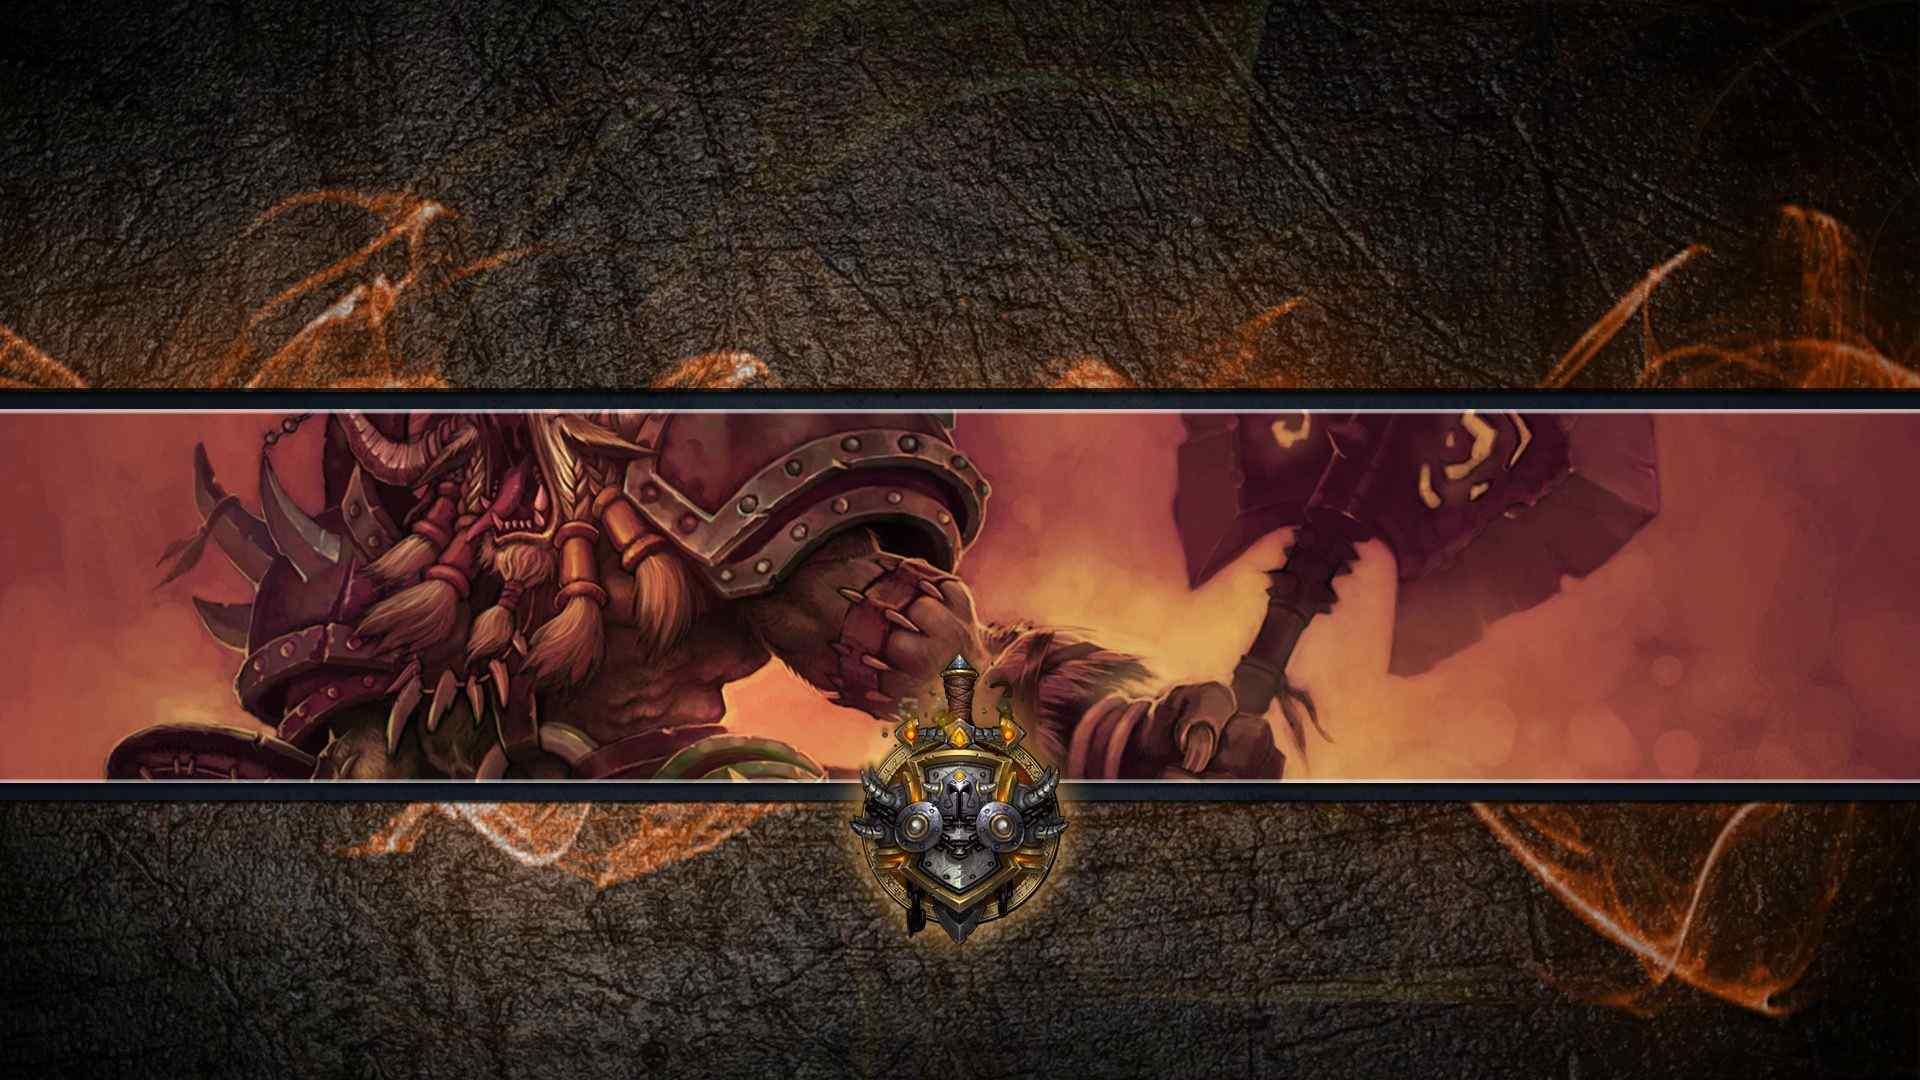 魔兽世界创意桌面壁纸